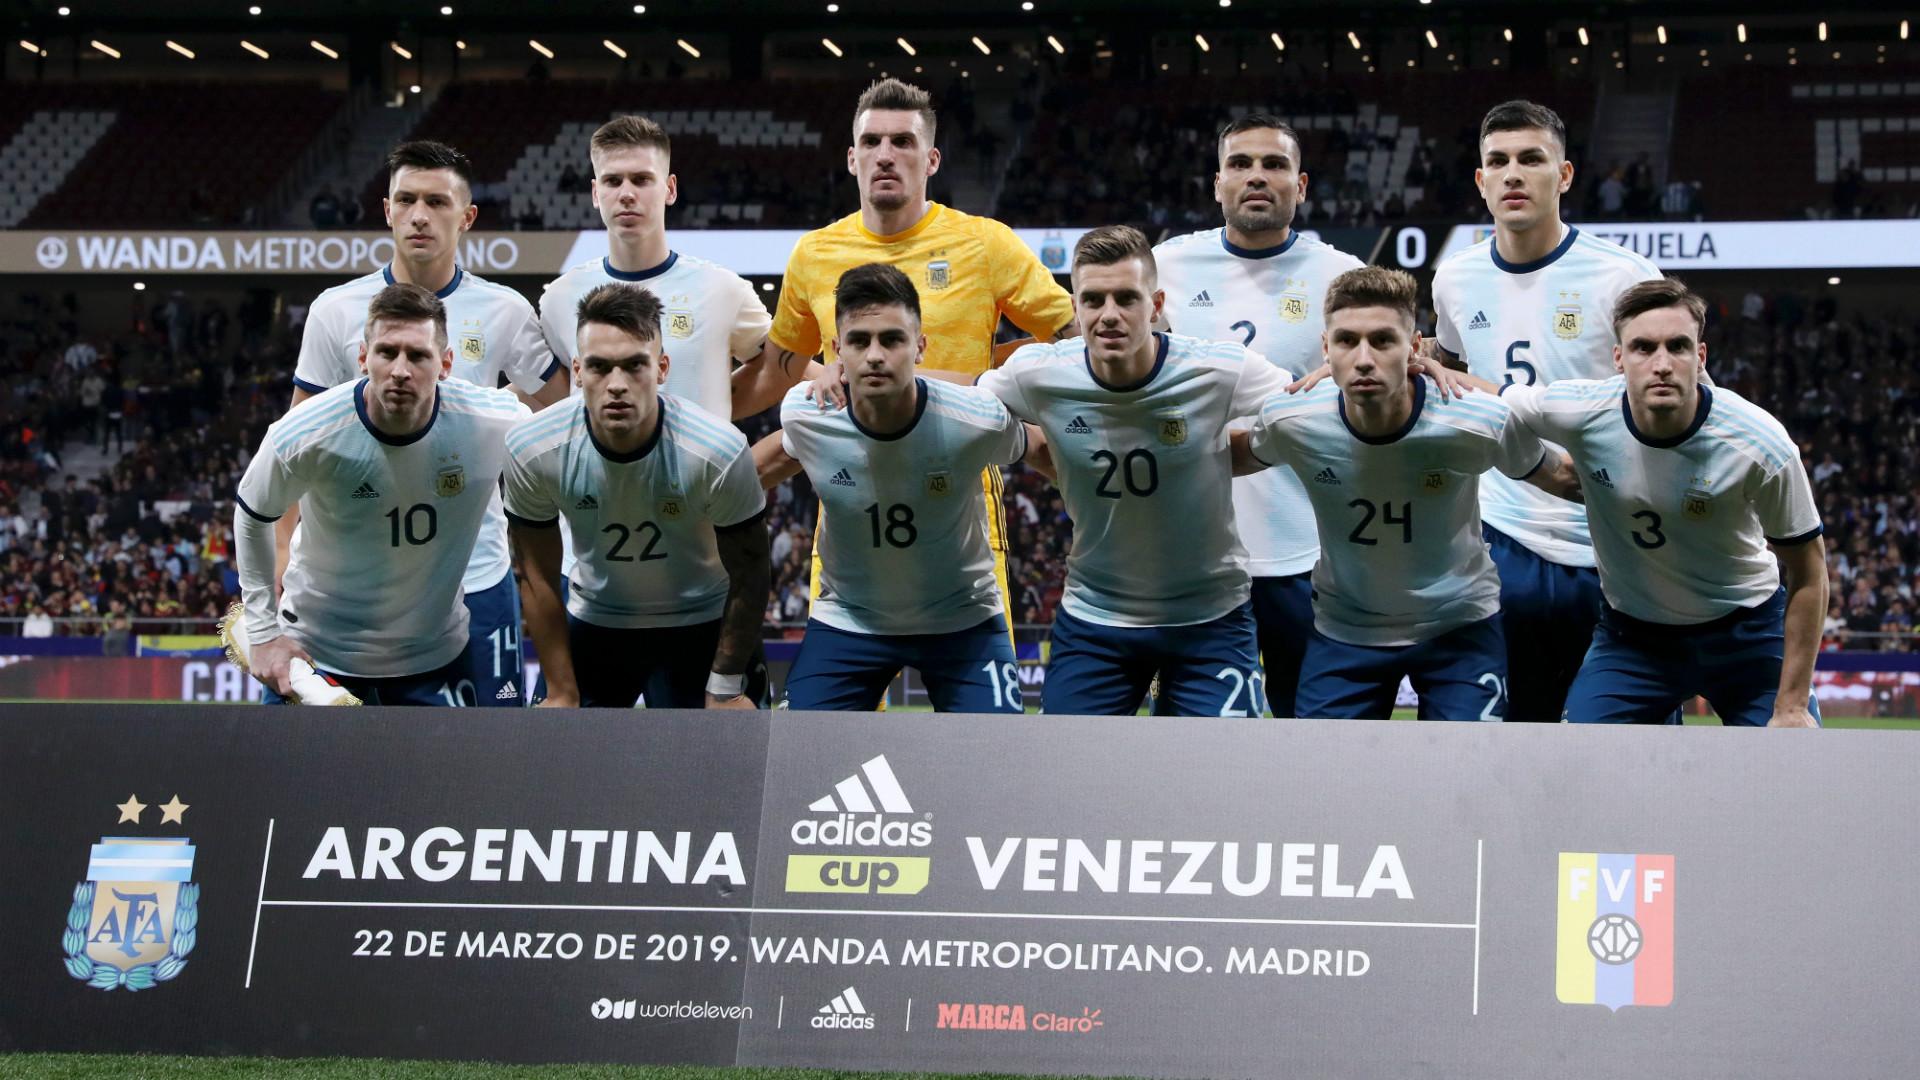 阿根廷友谊赛落败 全队只为与梅西磨合